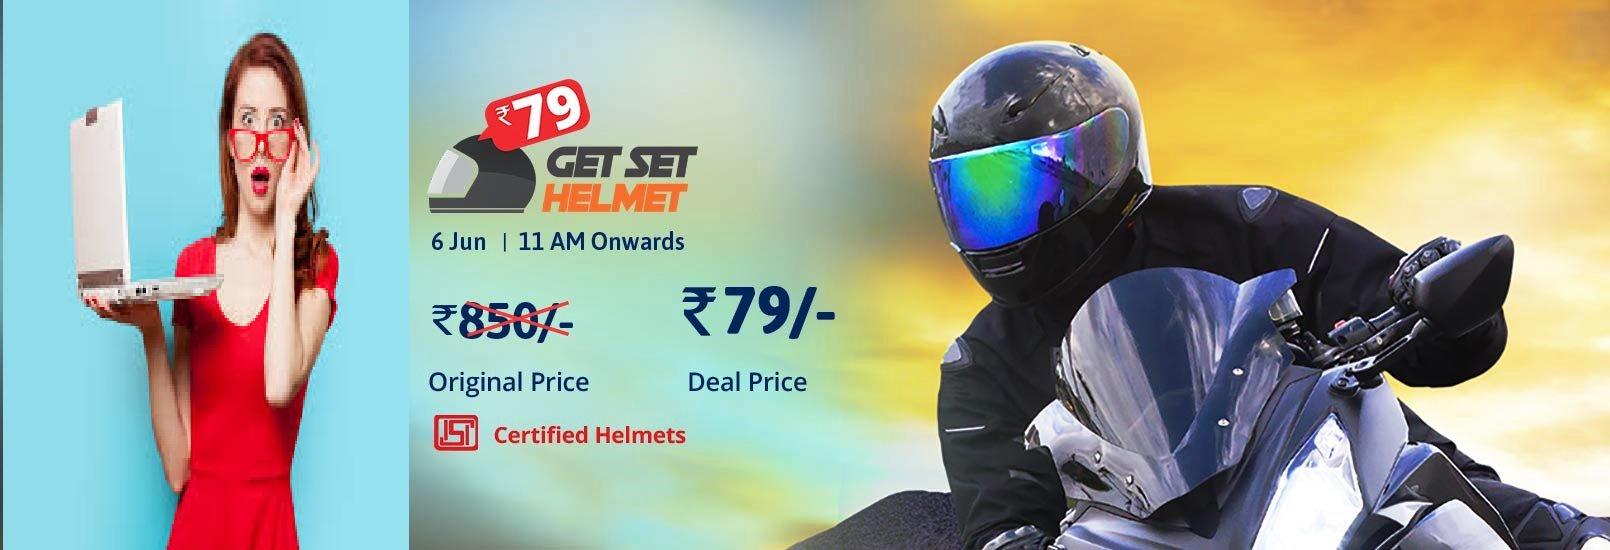 Flash Sales on Helmet, Get Set Helmet Deals   Droom